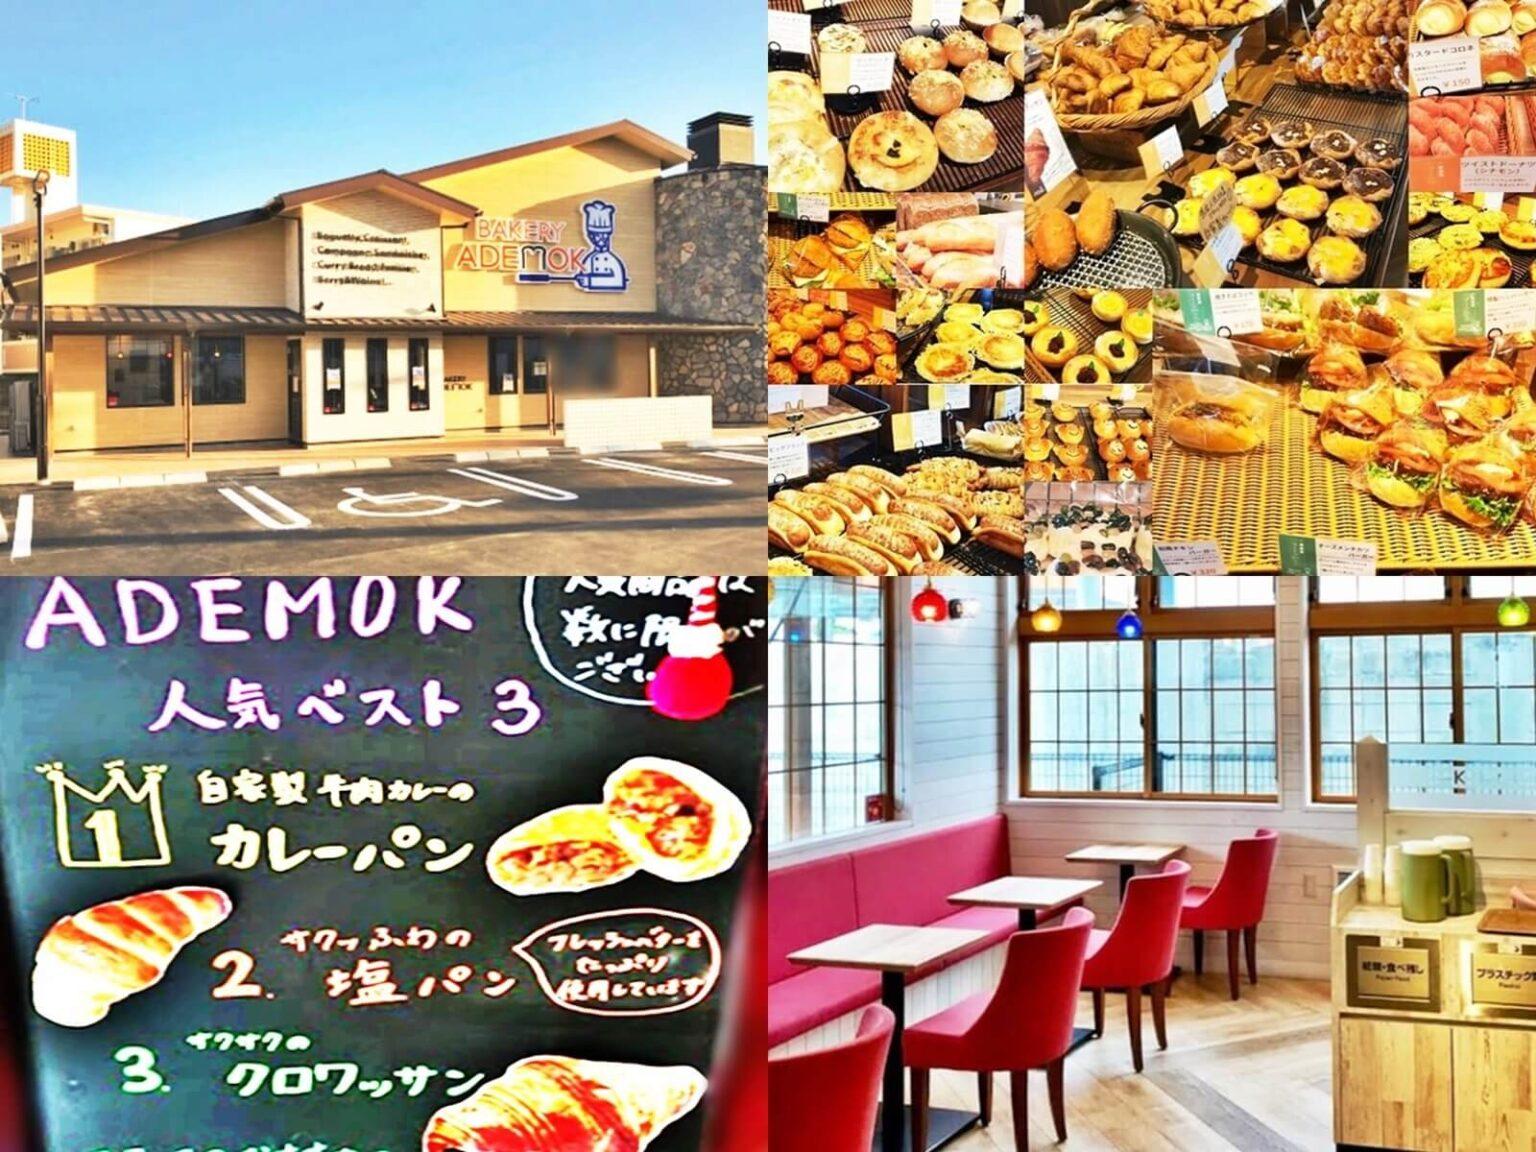 石窯パン工房ADEMOK 南風原町店